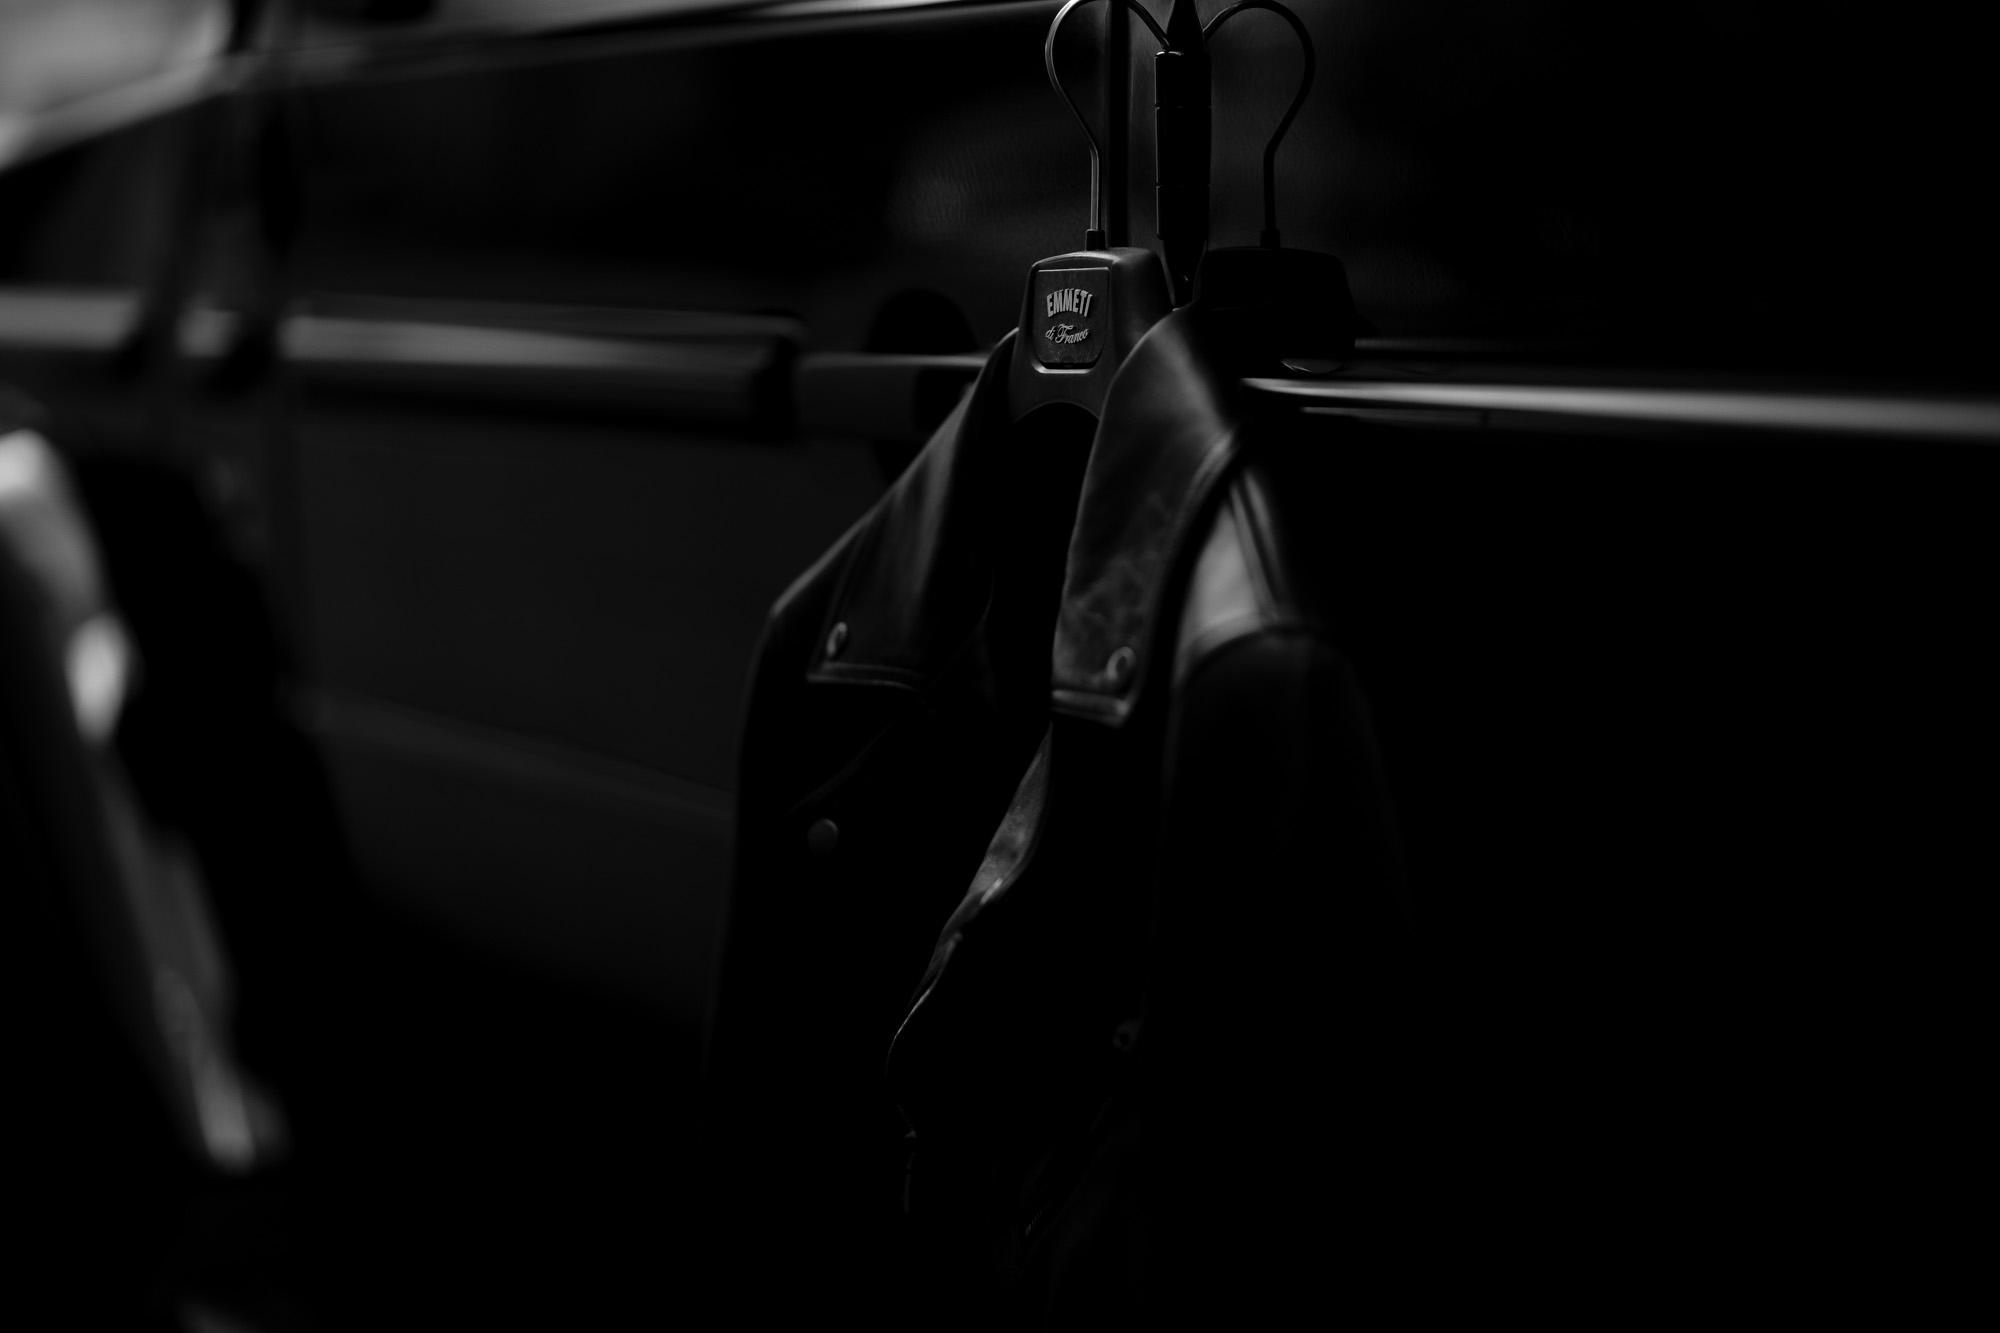 """EMMETI """"TORINO"""" Lambskin Nappa NERO 2021AW【Special Model】エンメティ トリノ ラムスキンナッパ ブラック ダブルライダース レザージャケット ライダースジャケット スペシャルモデル 2021秋冬 愛知 名古屋 Alto e Diritto altoediritto アルトエデリット"""